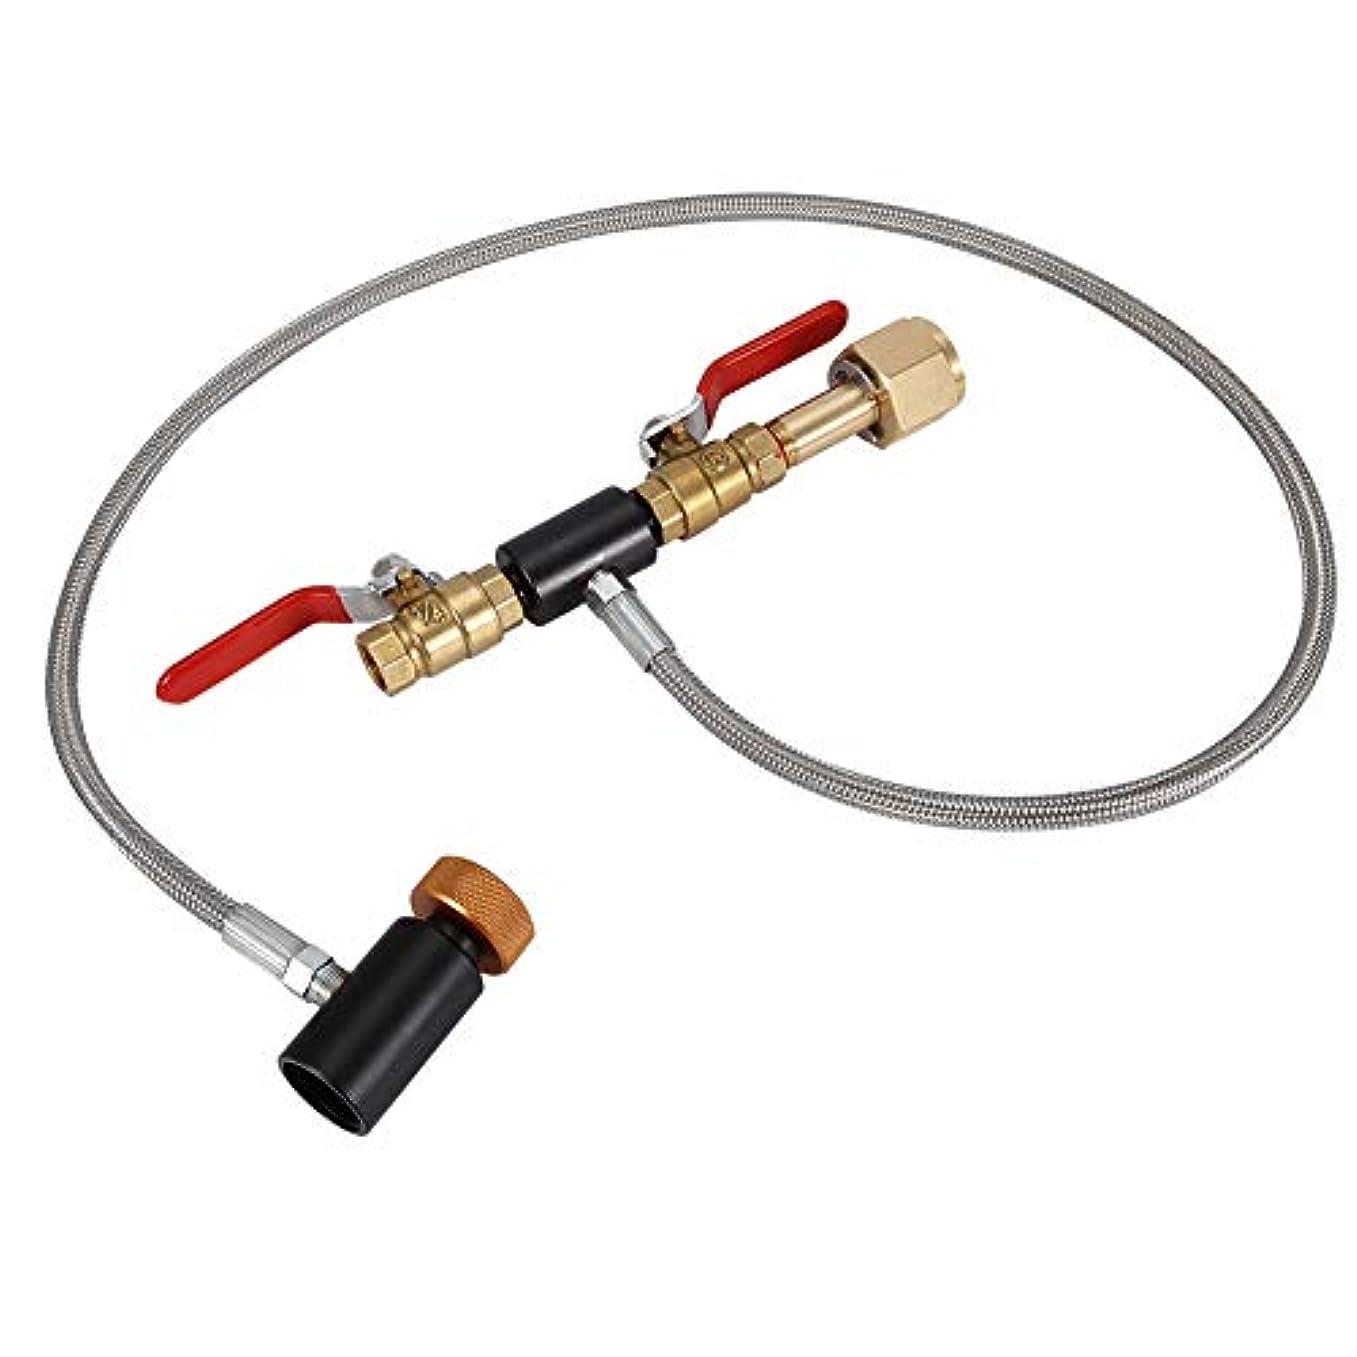 セーター尽きる負担充填ソーダストリームタンク用ホース付きG1 / 2 CO2シリンダー詰め替えアダプターボトルコネクタCO2タンクソーダメーカーアクセサリー(ゲージなし36インチ)